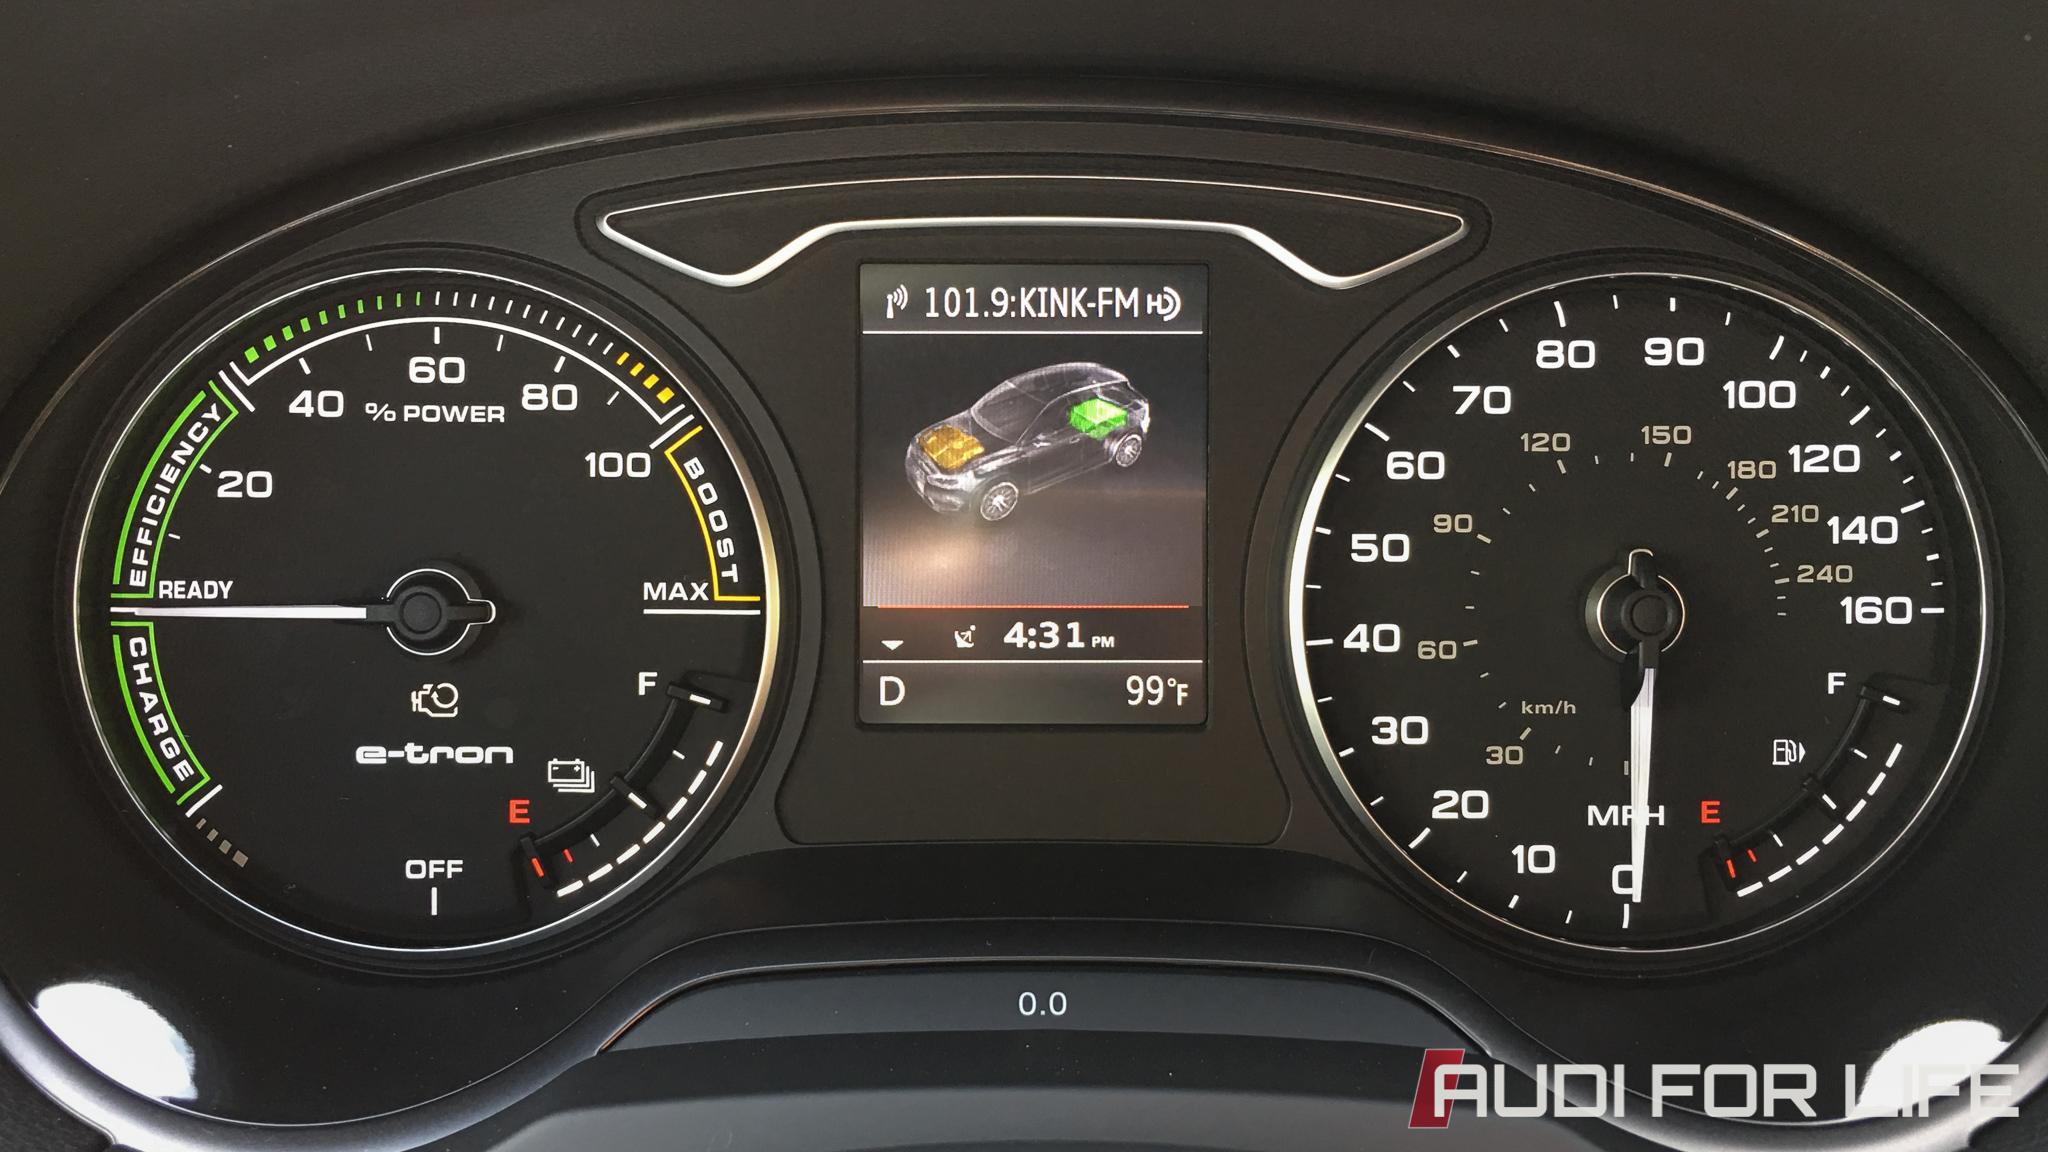 Weekend with a 2016 Audi A3 Sportback e-tron